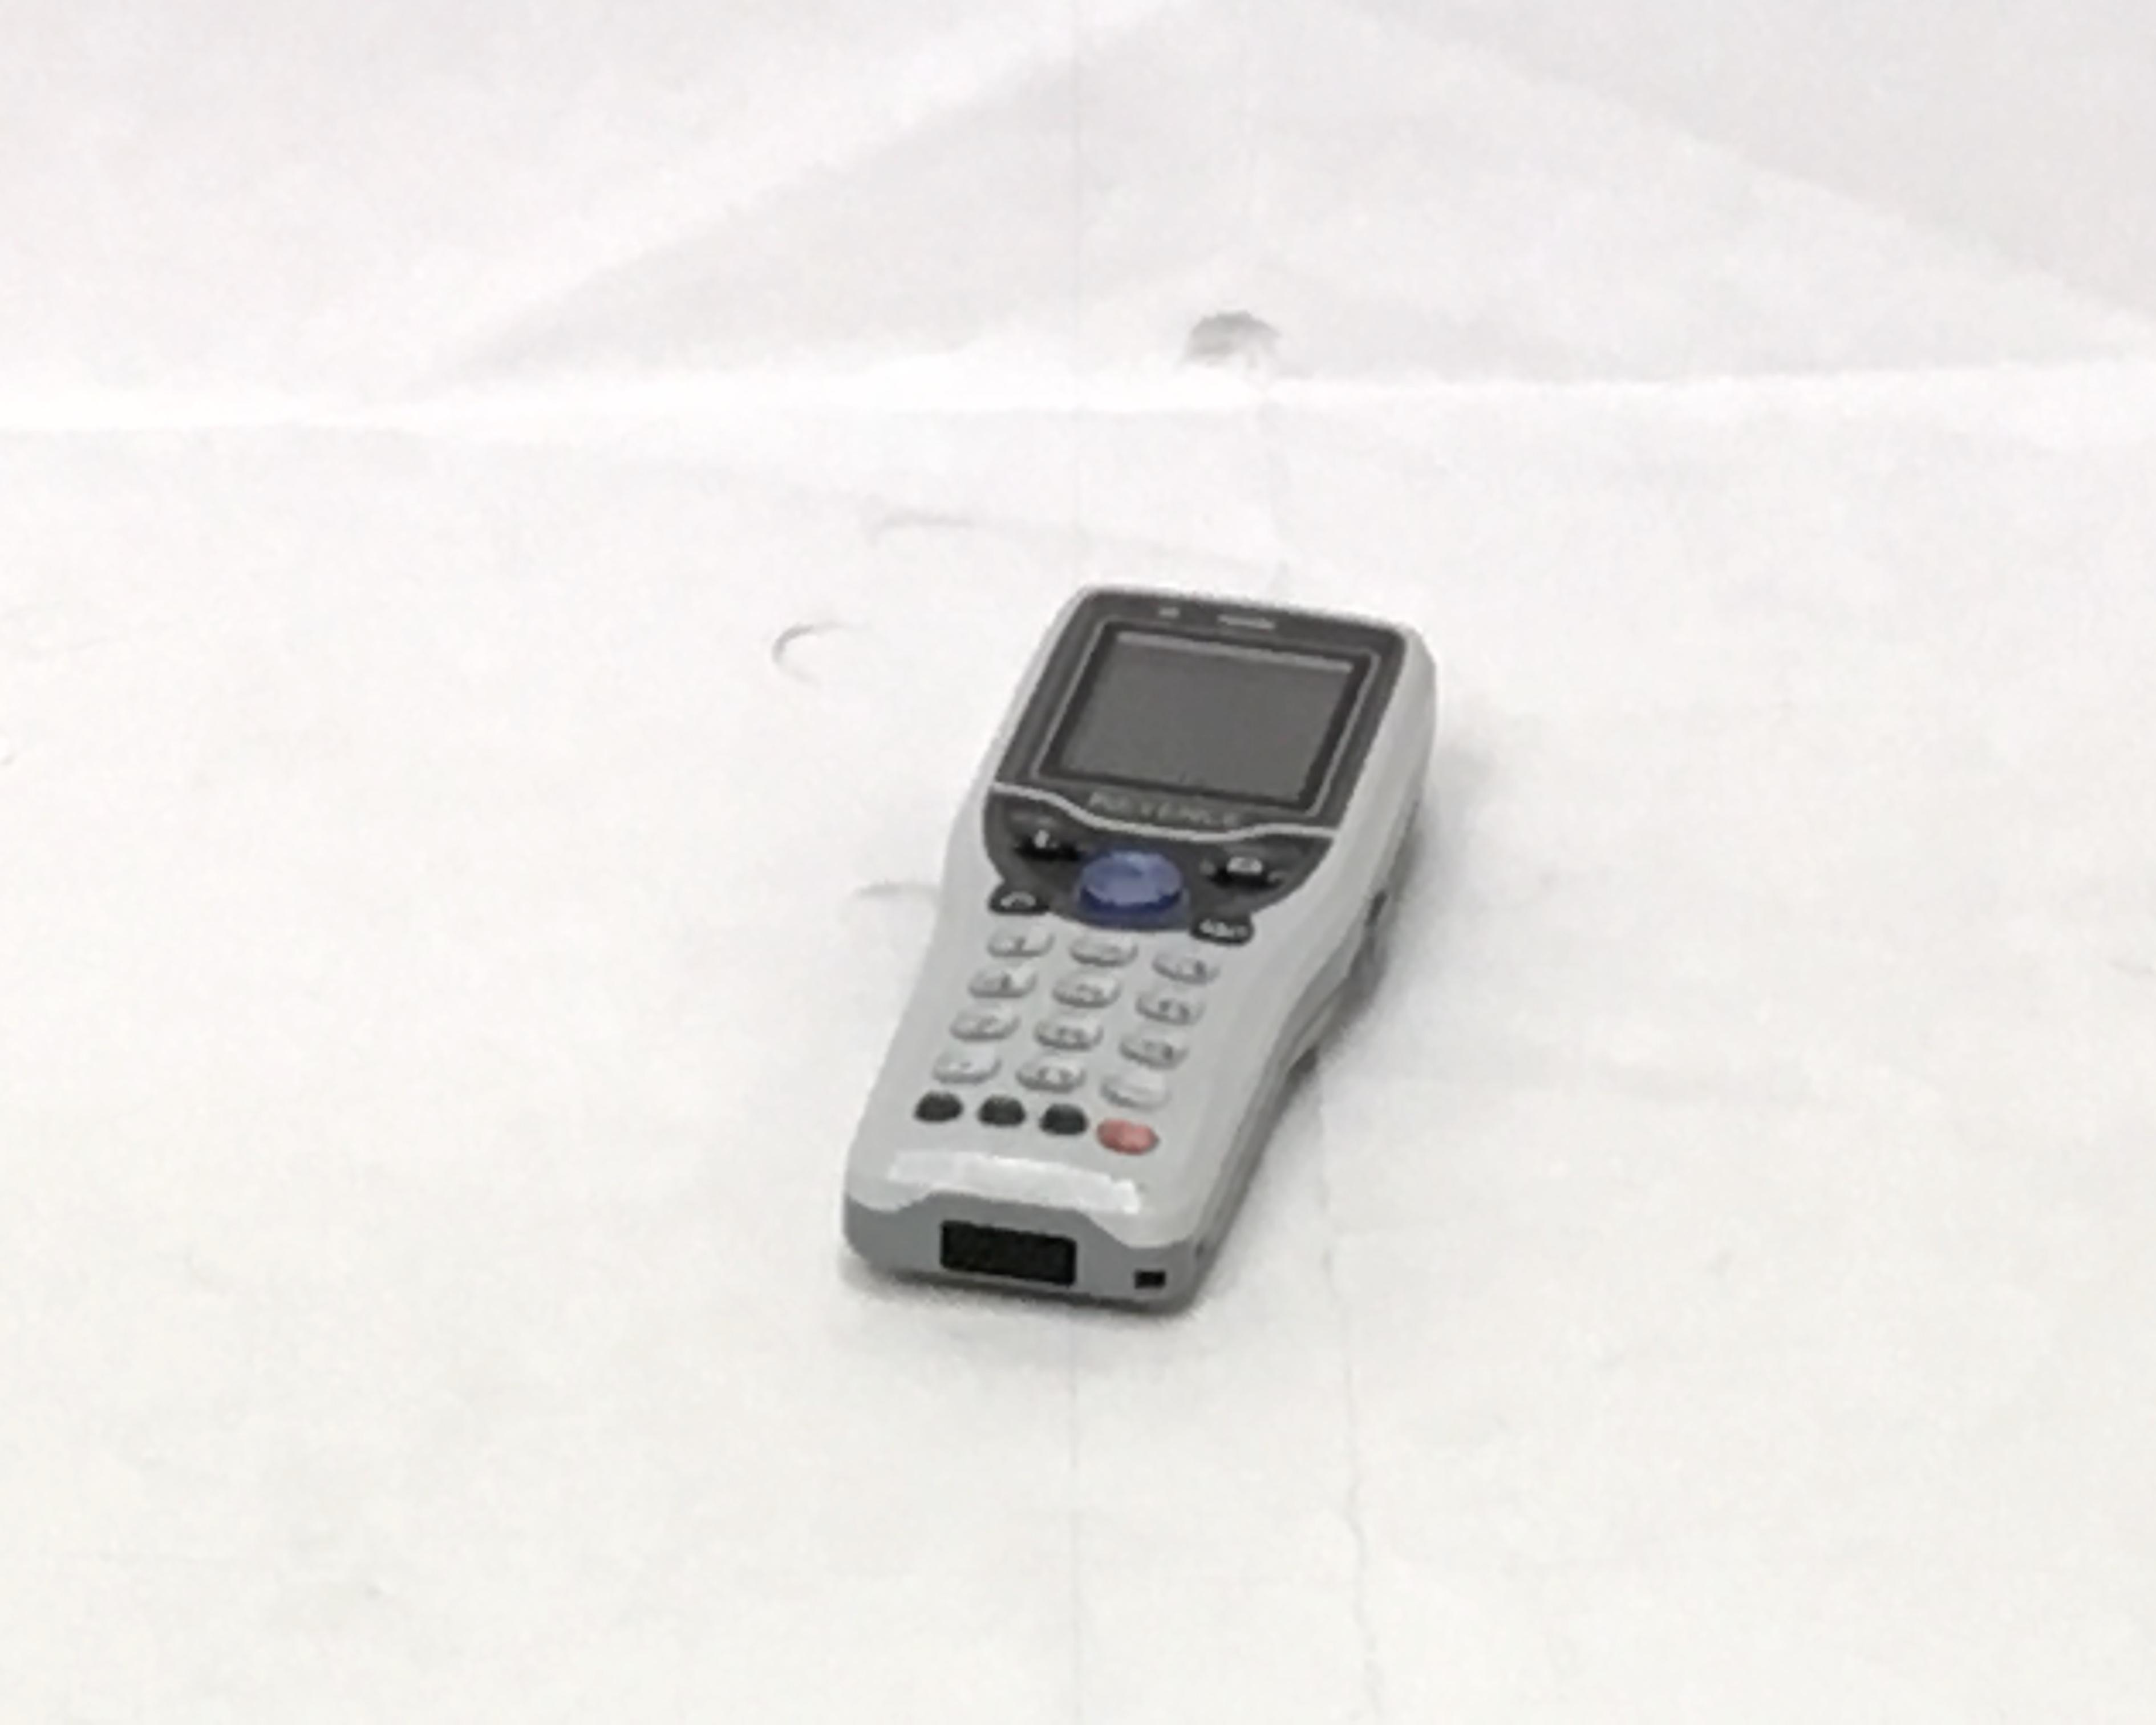 【お買得中古品】KEYENCE BT-600B メイン画像